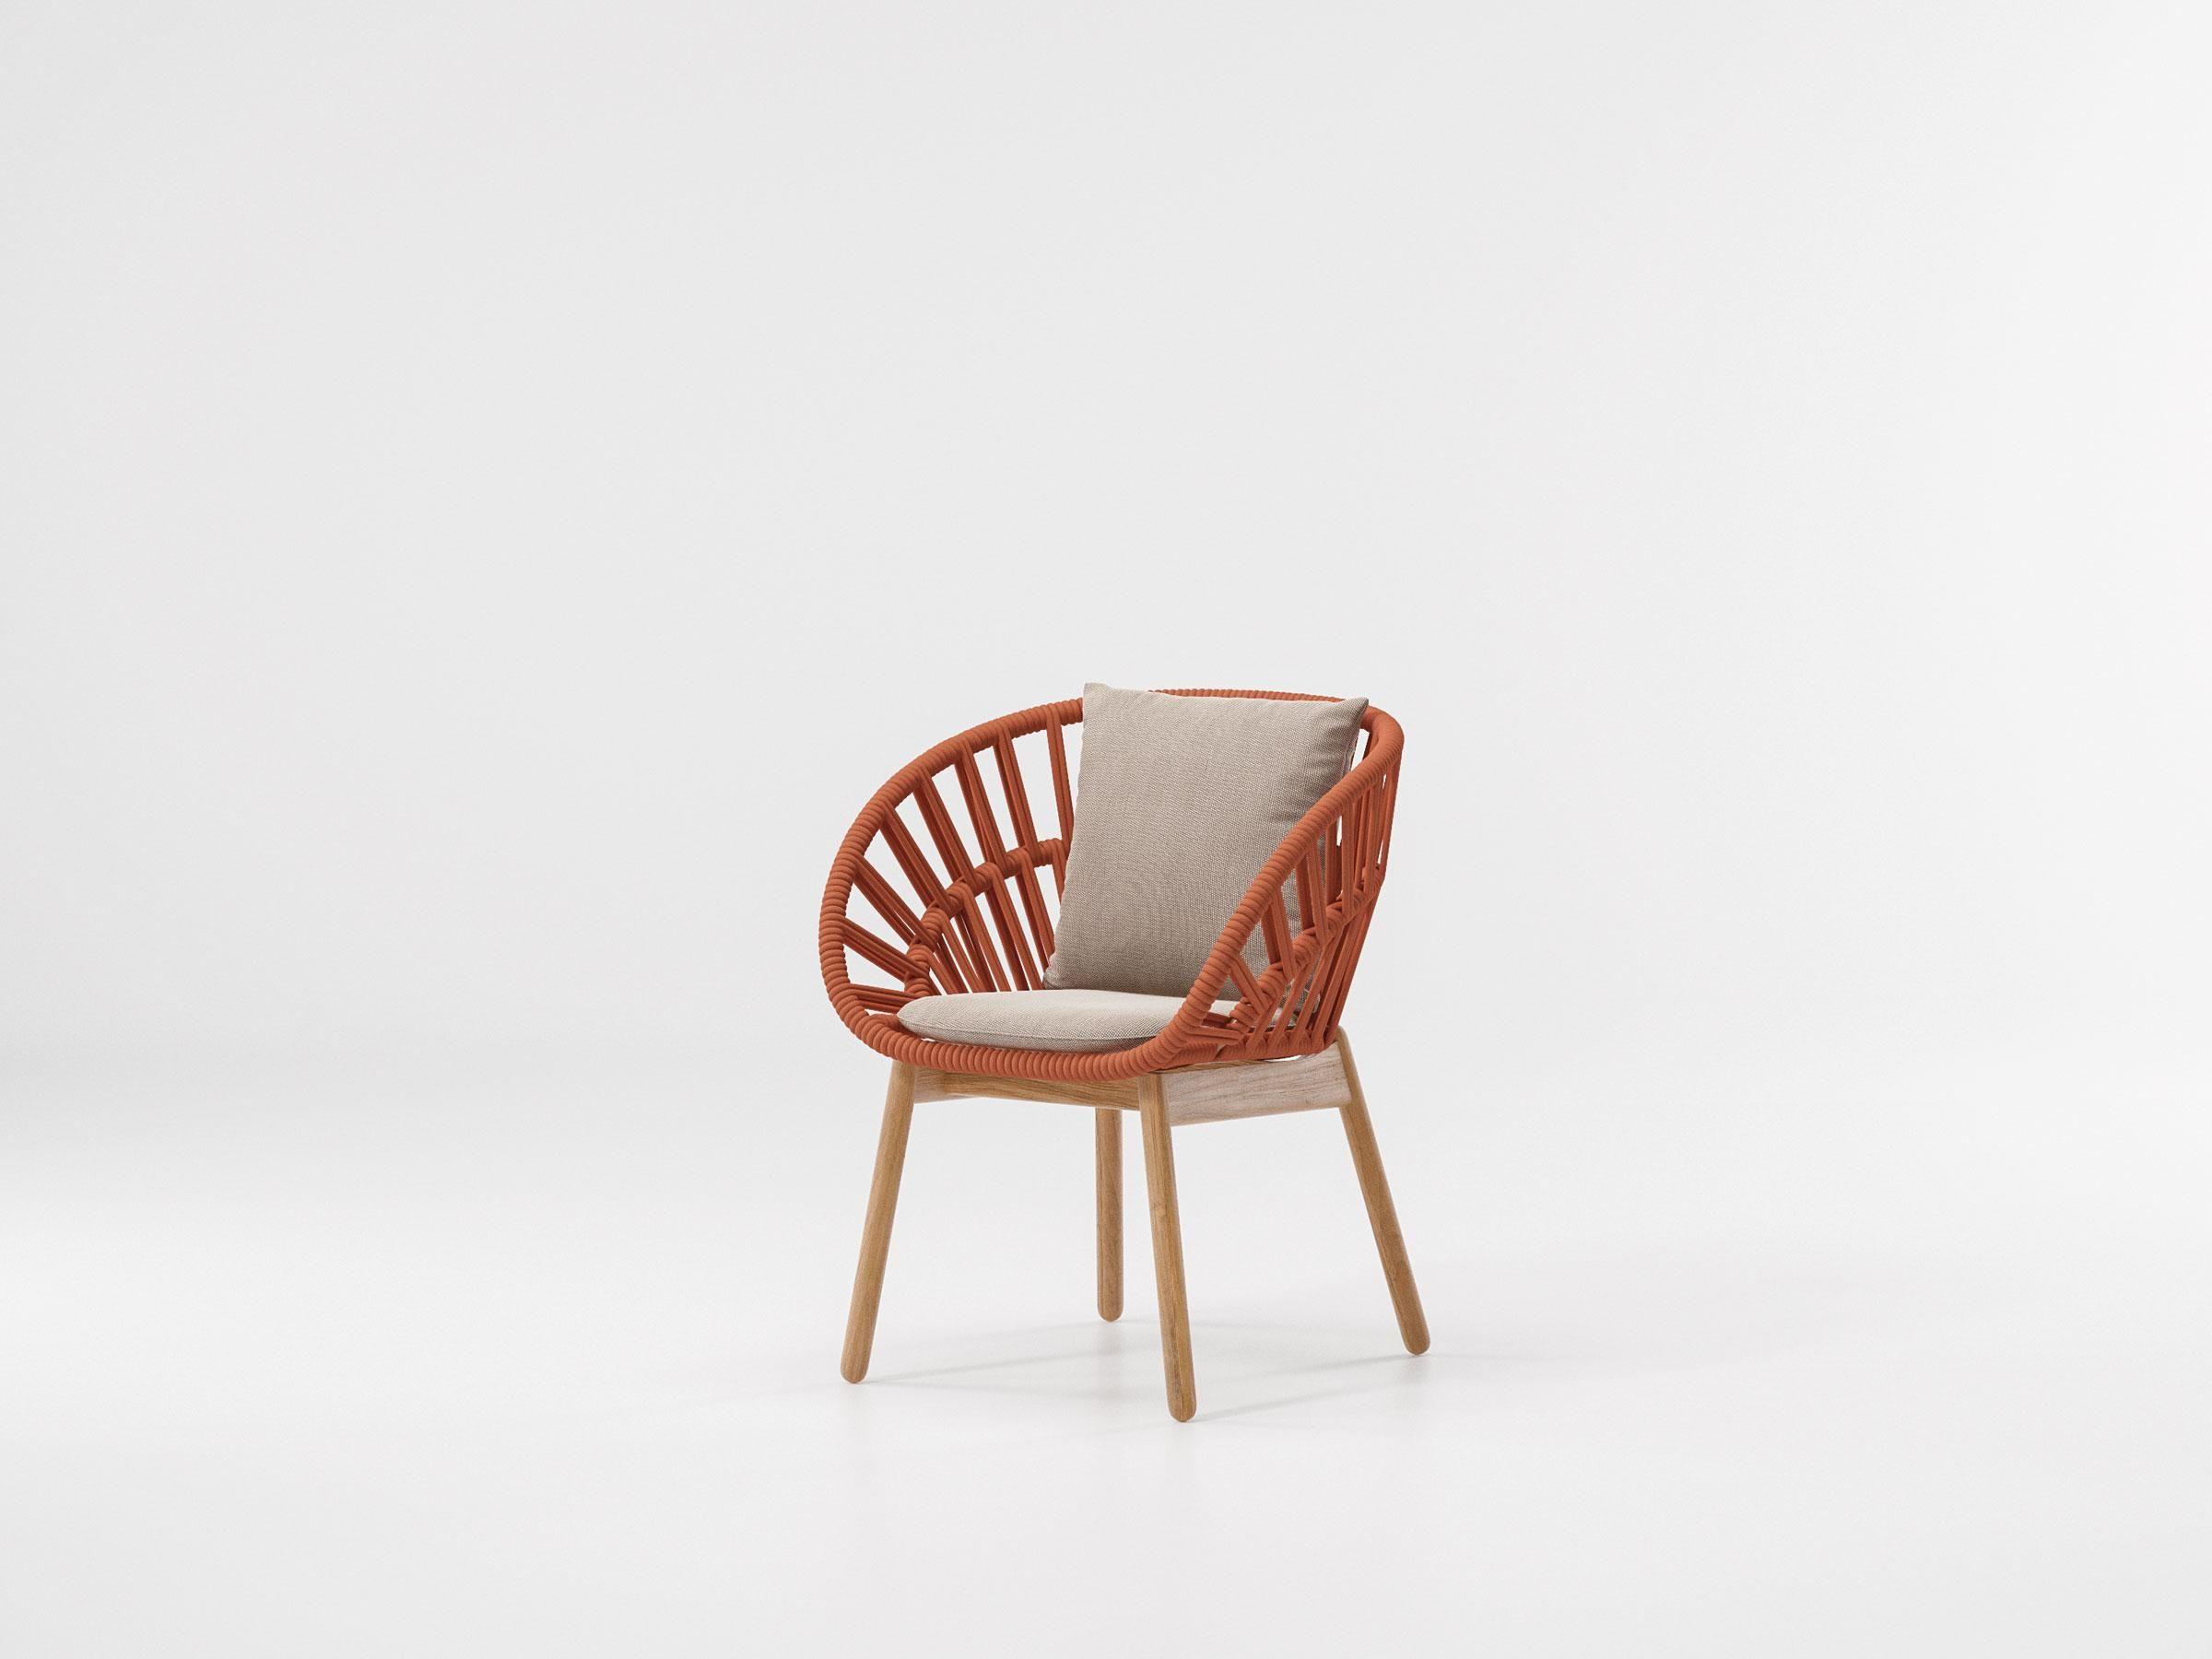 Kettal Cala Dining Chair Teak Leg Retro Office Chair